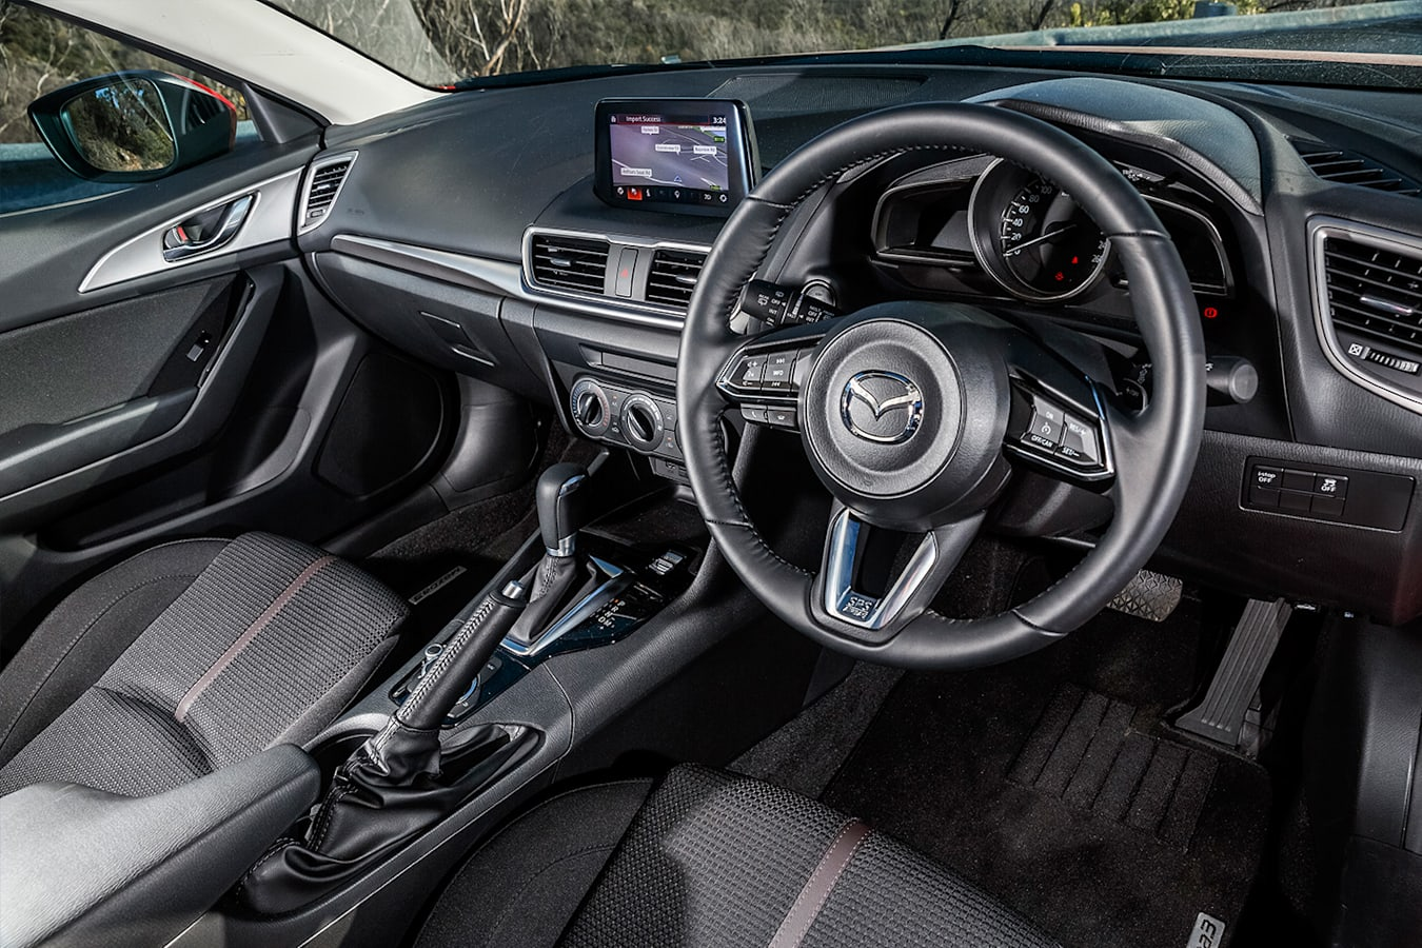 Hatchback Three Way Mazda 3 Interior Jpg